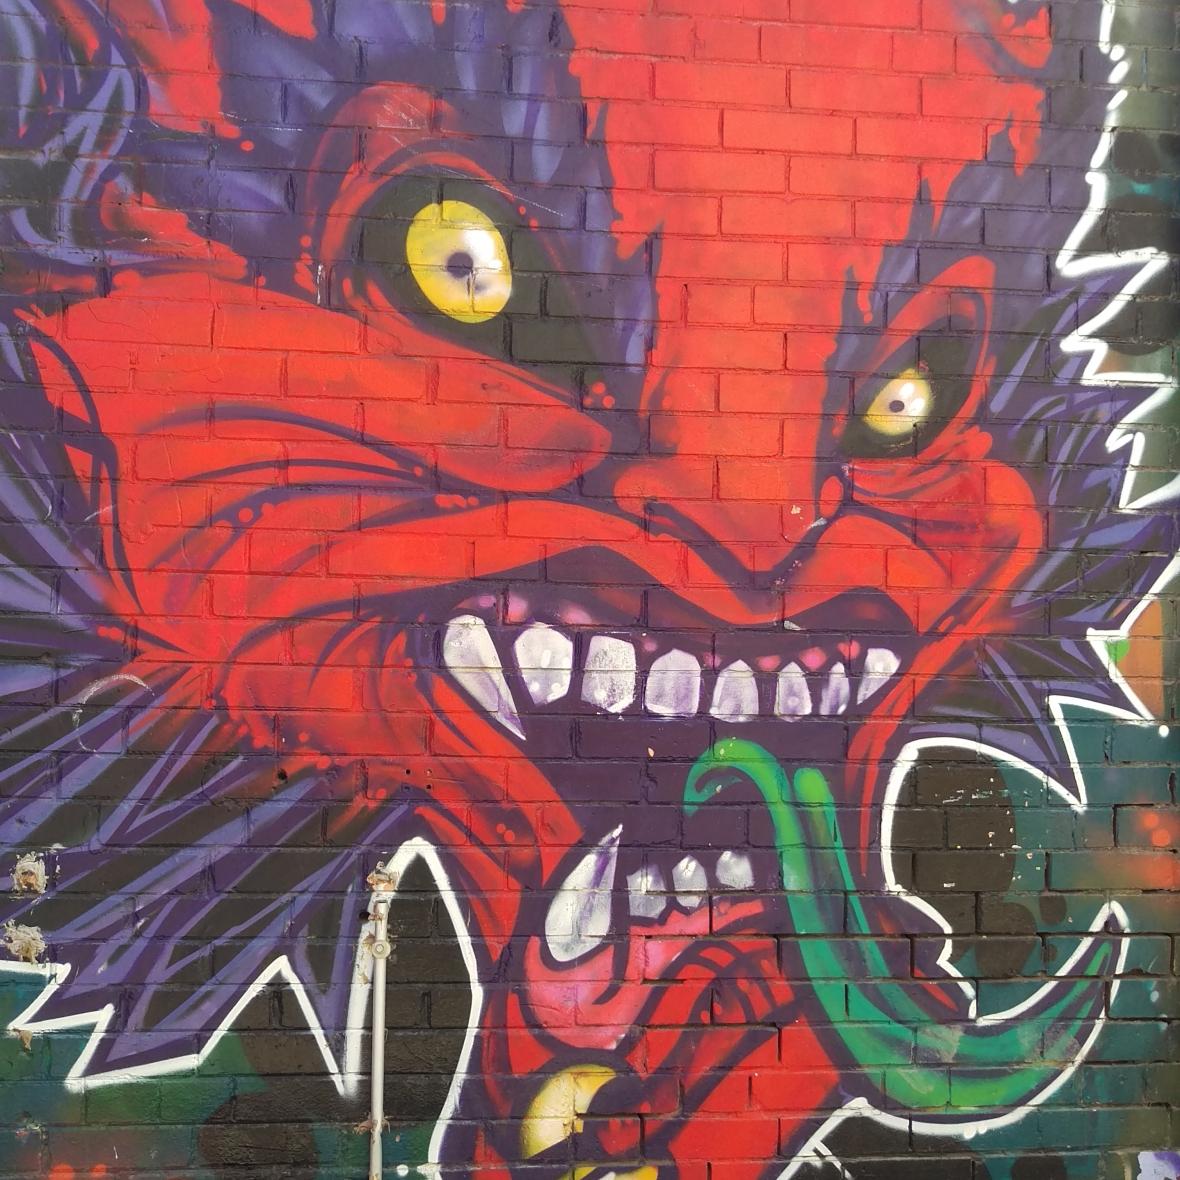 Kensington Market - Devil Graffiti